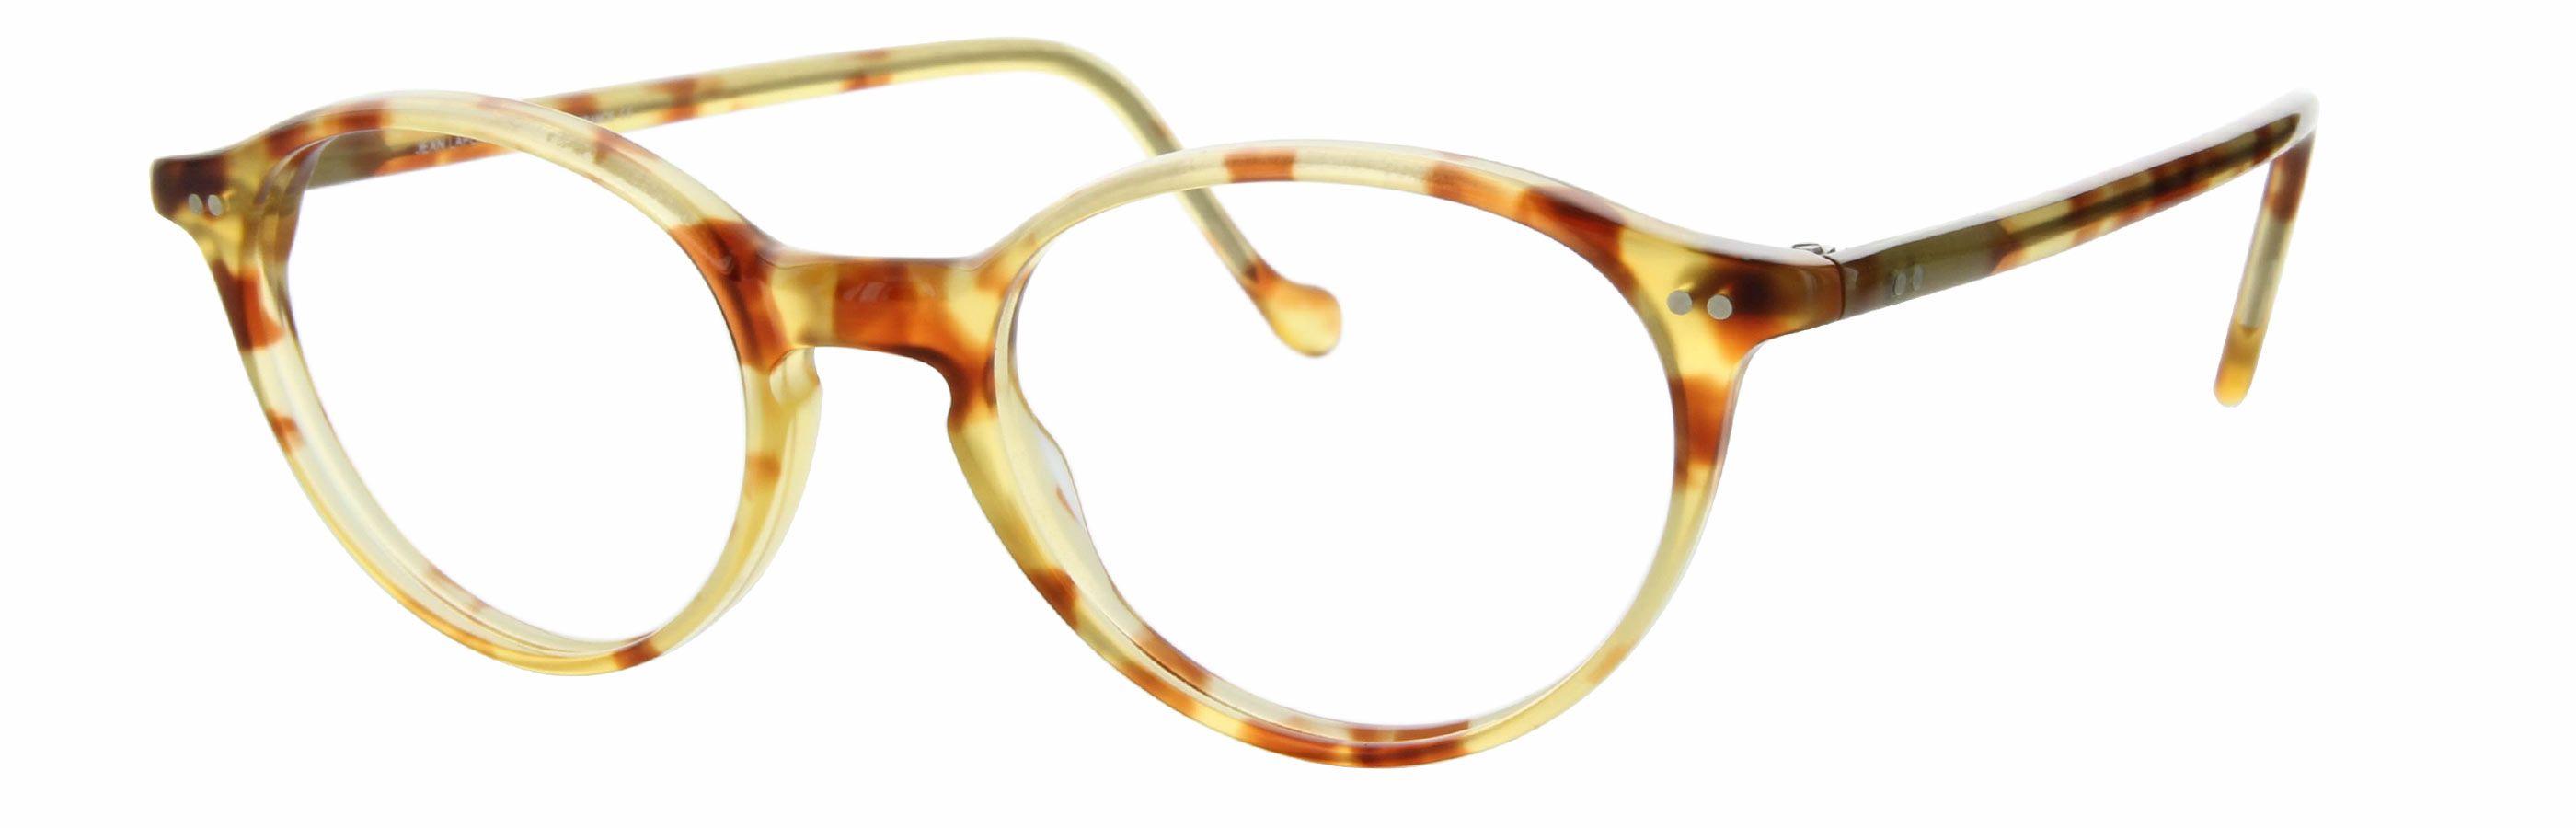 Lafont Paris - Optical Eyewear Frame -- JUPITER-330 | Lafont ...